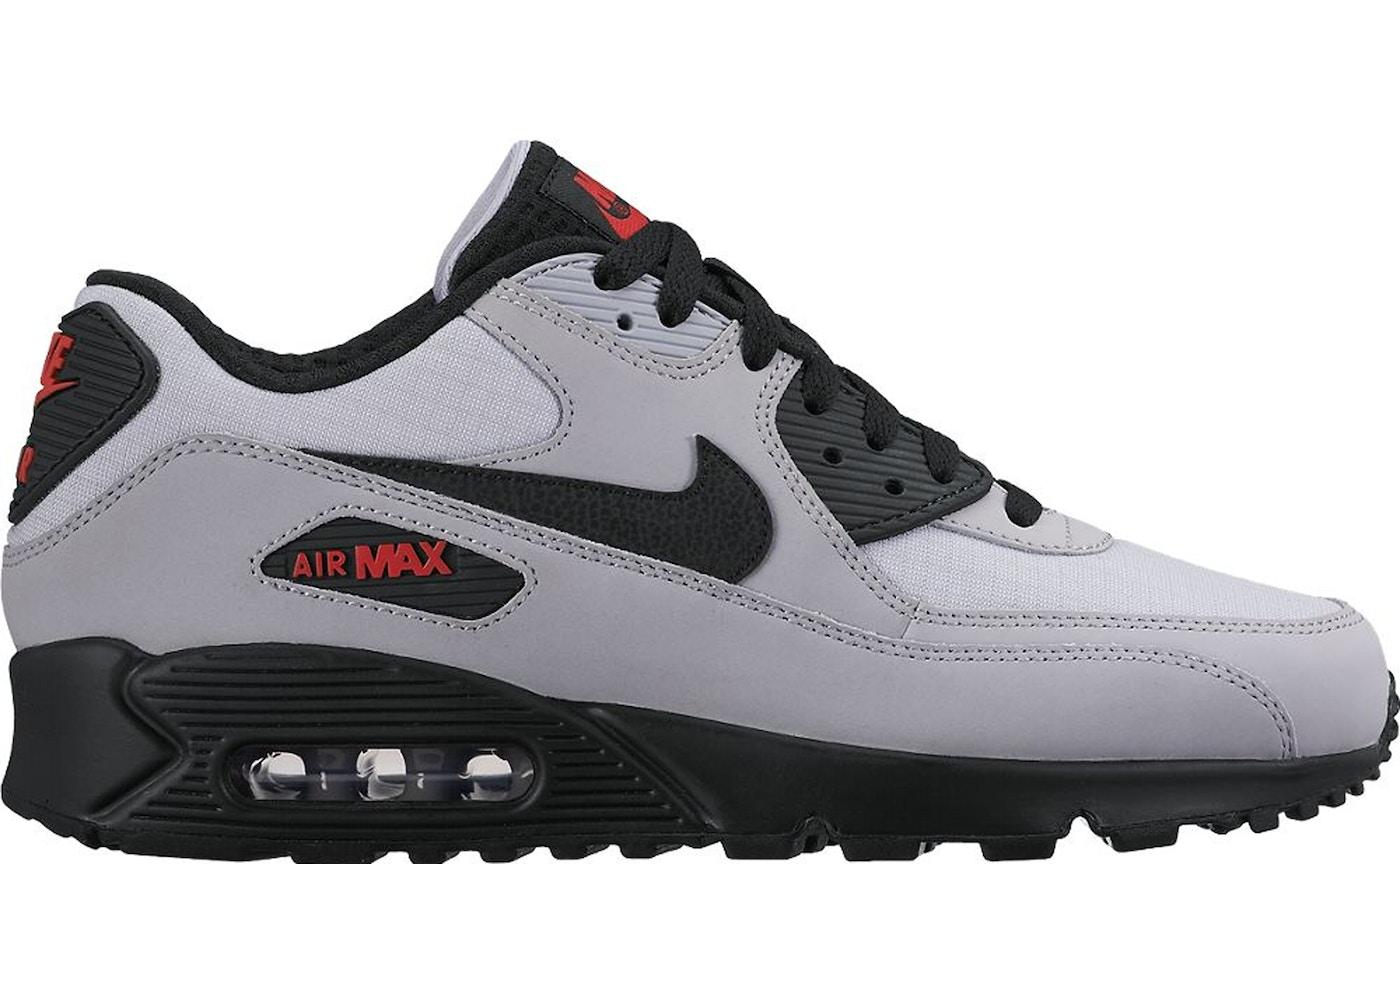 22b121a1c0 Nike Air Max 90 Shoes - Highest Bid